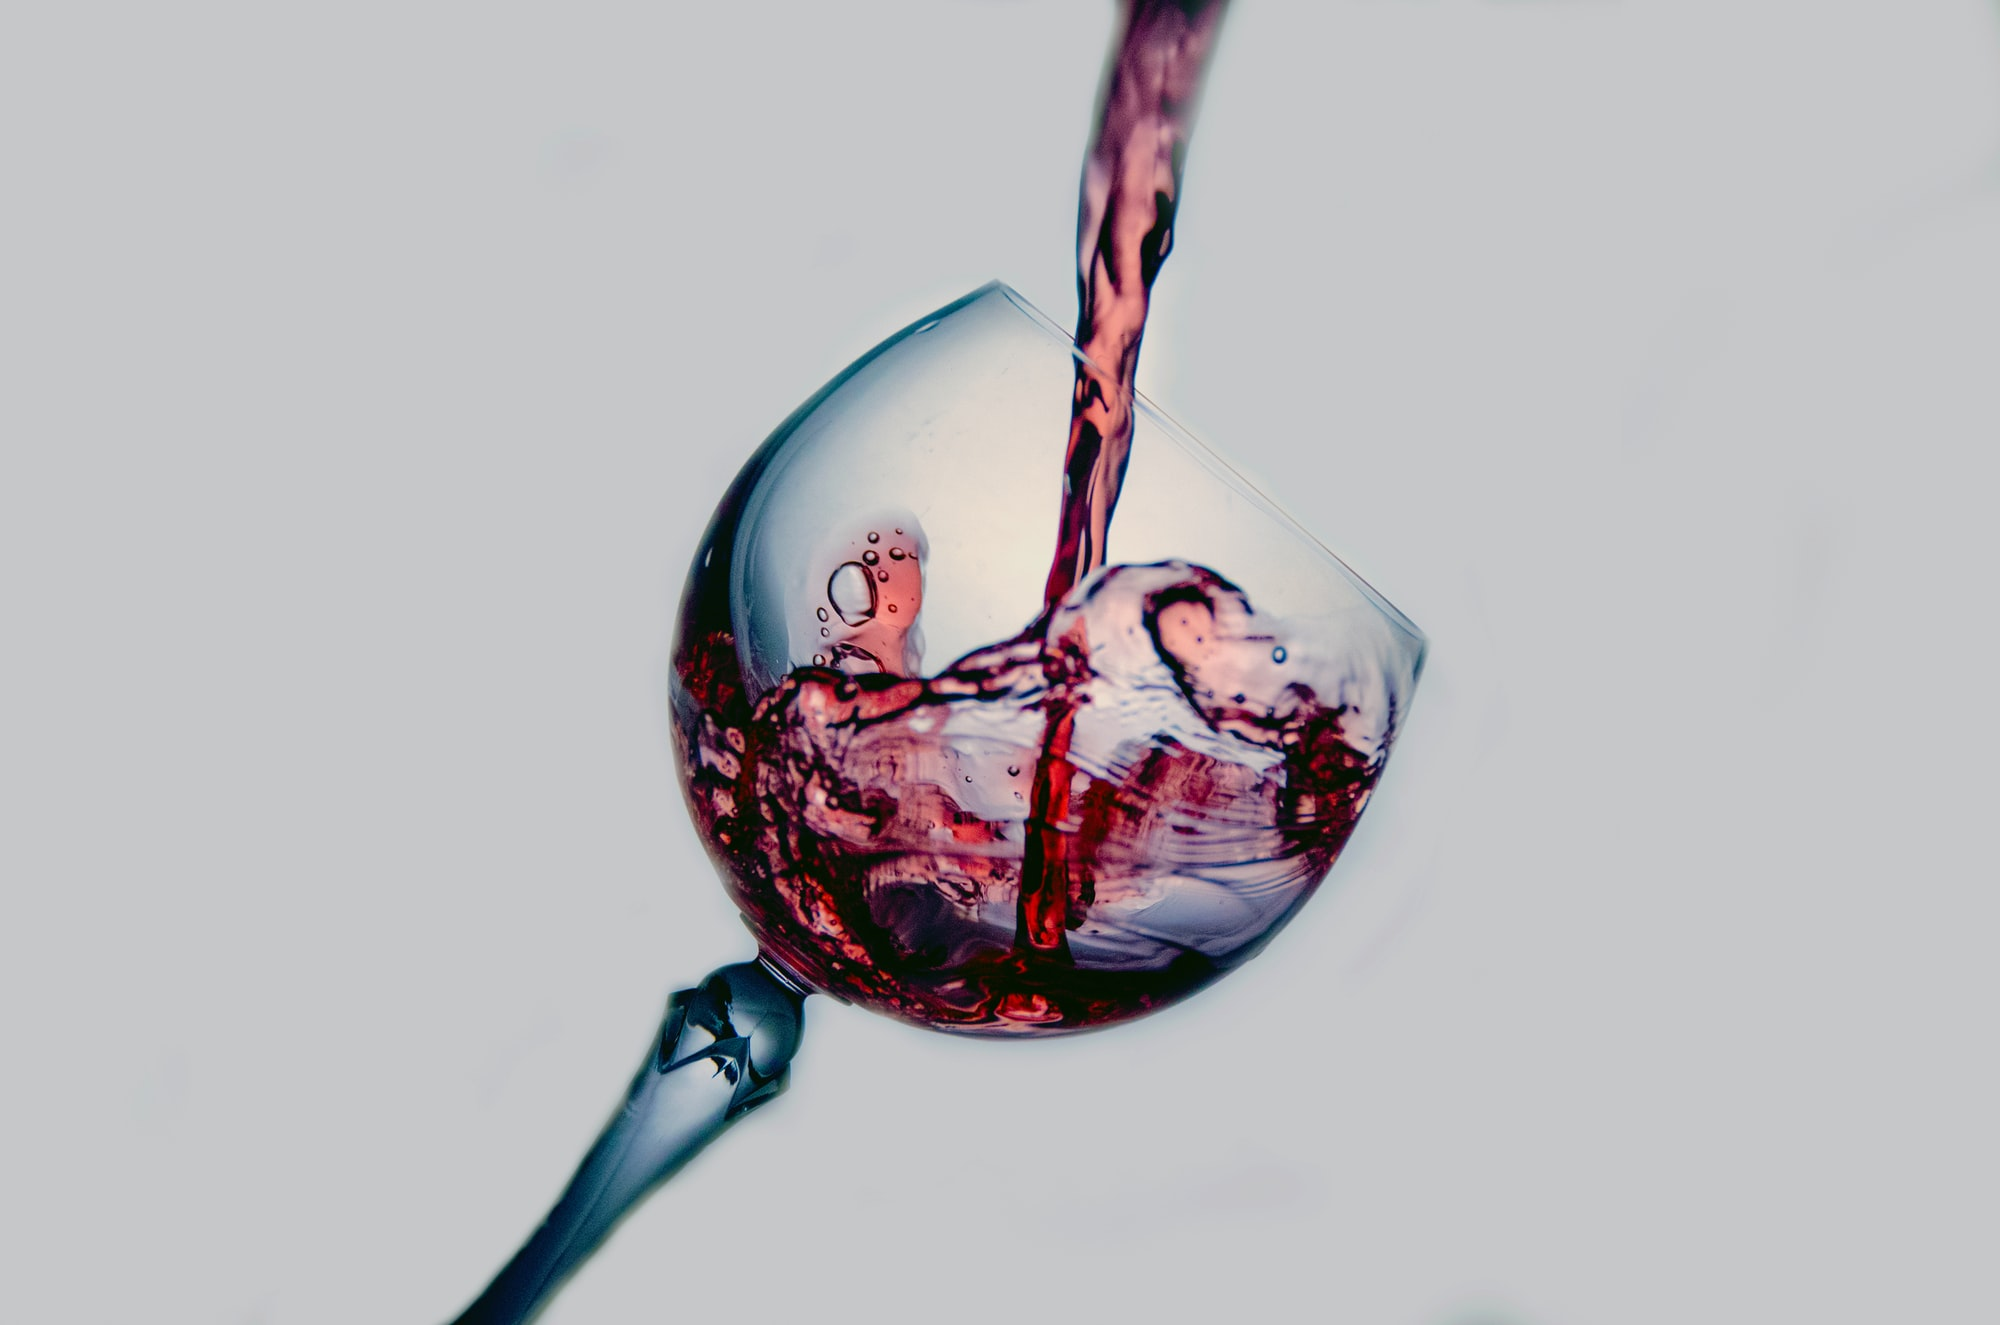 Wineskins for Revival